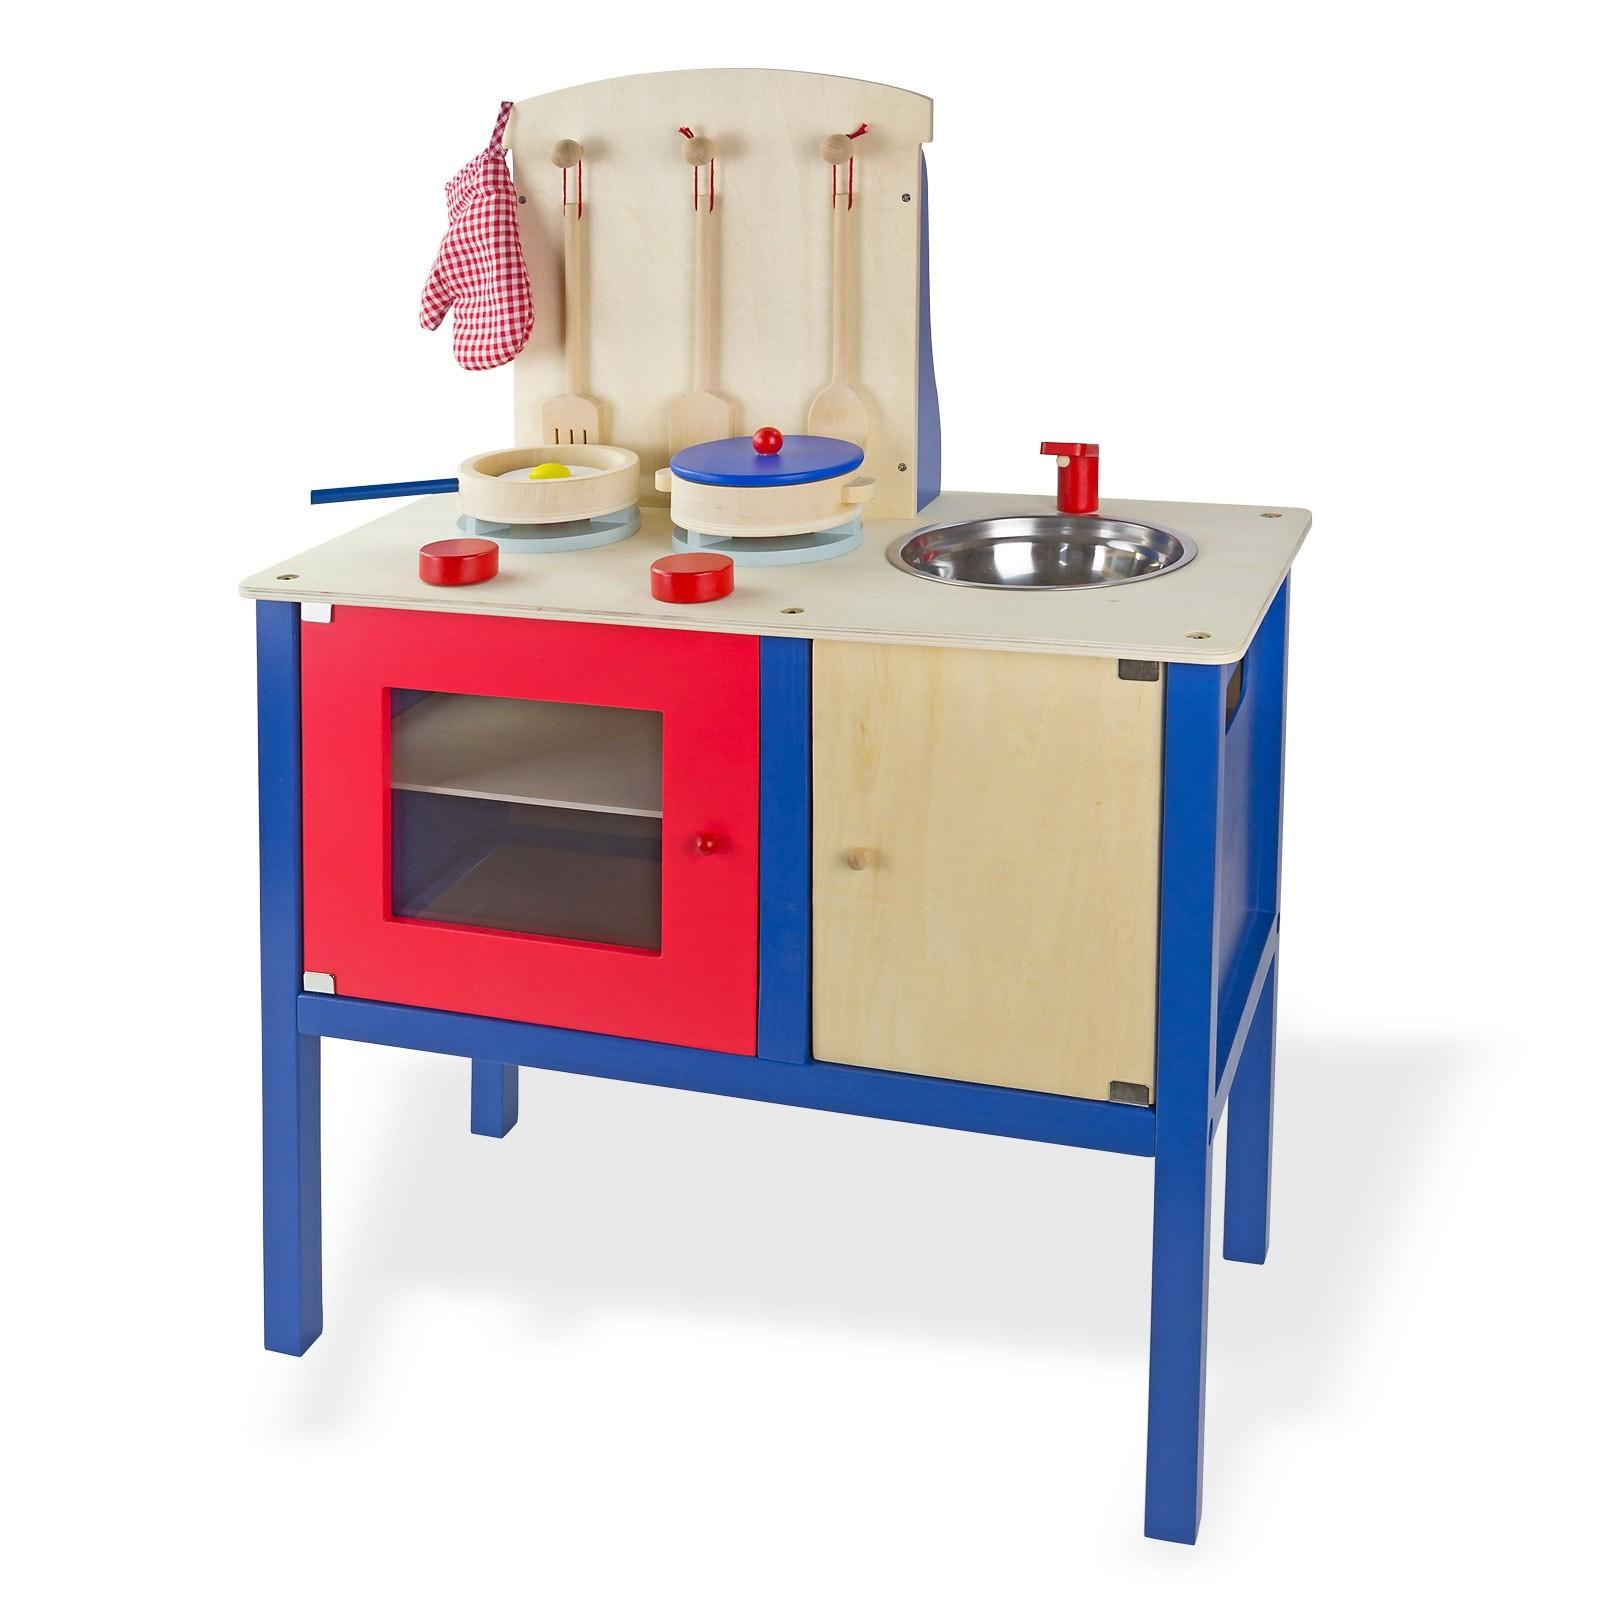 Full Size of Kinderkche Spielkche Aus Holz Mit Zubehr Kinder Spielküche Wohnzimmer Spielküche